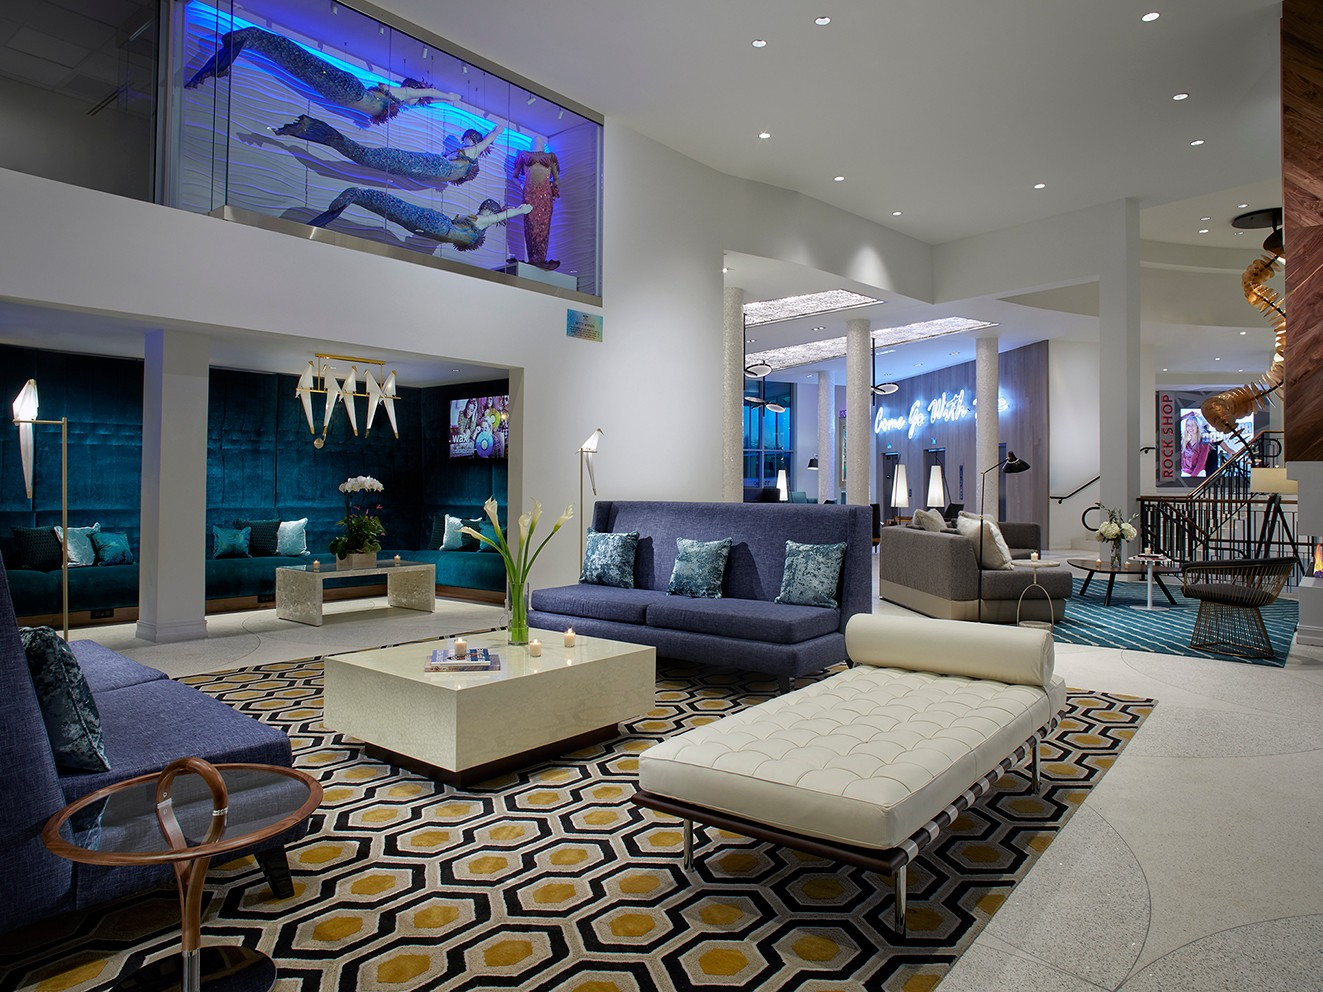 The lobby of the Hard Rock Hotel Daytona Beach